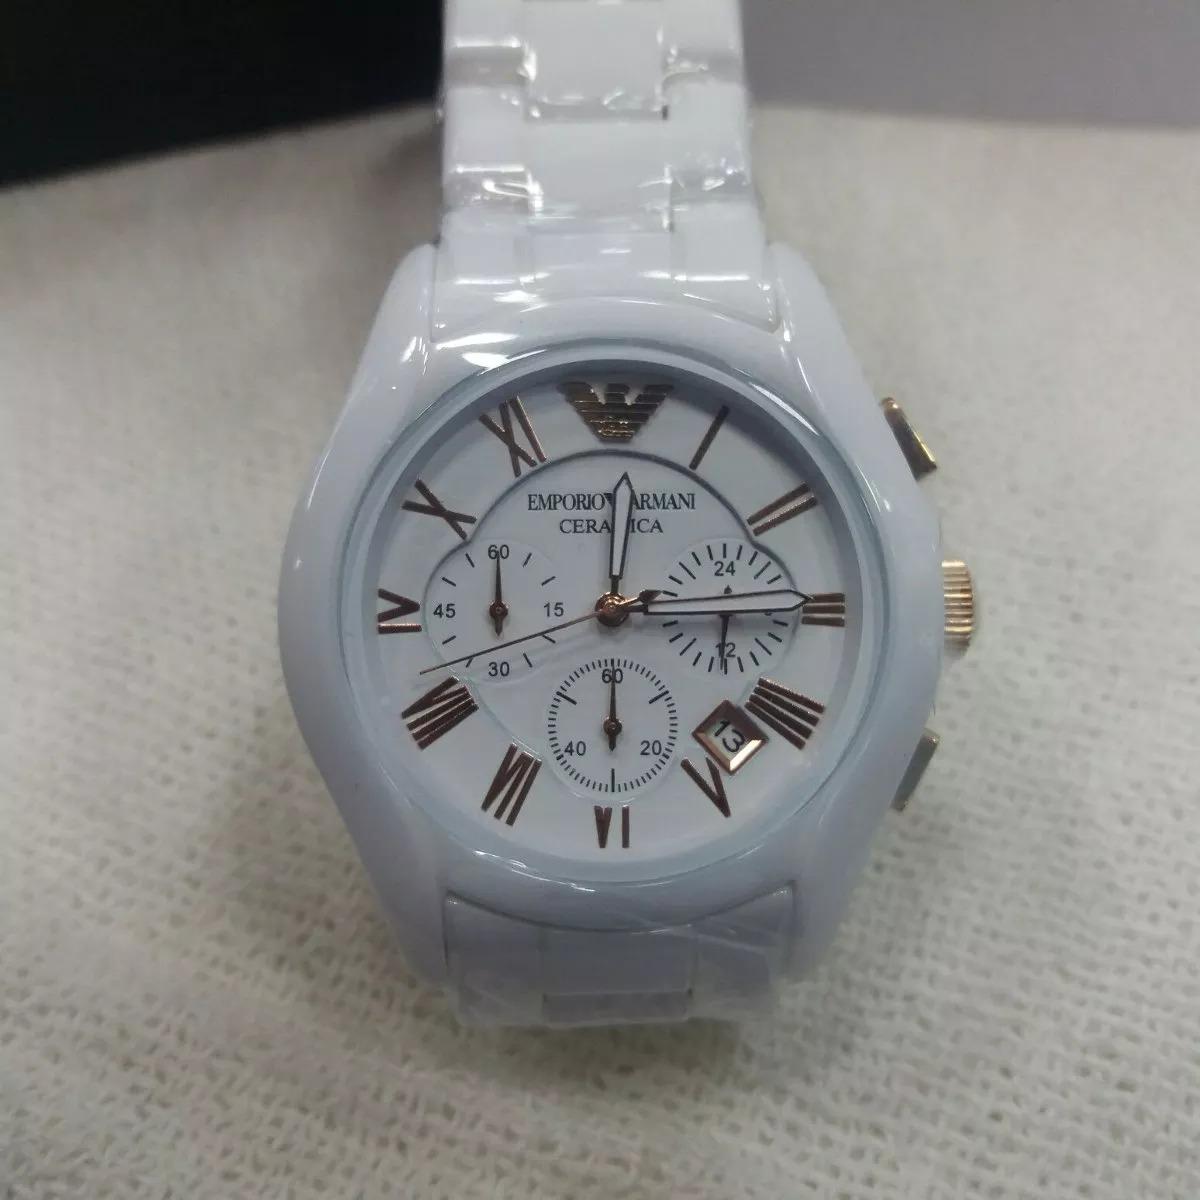 a39088ce3f8 relógio feminino emporio armani ceramica branco. Carregando zoom.